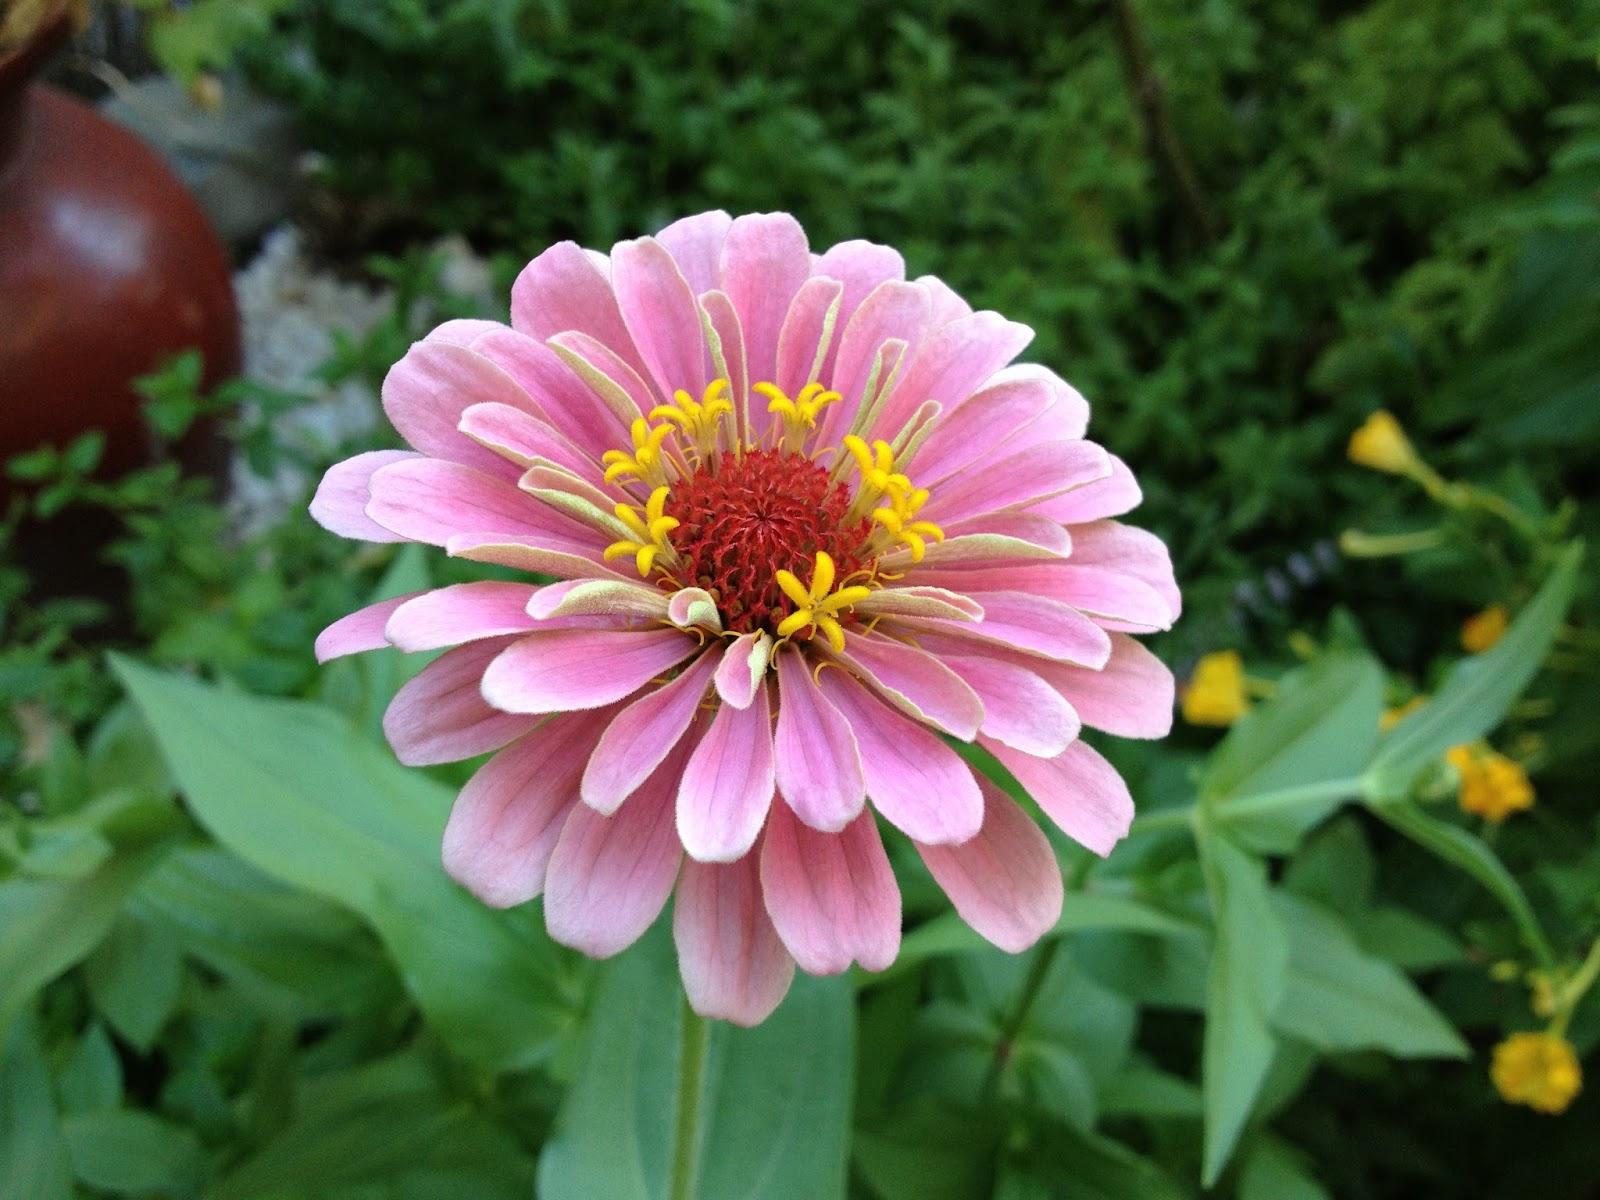 Arte y jardiner a flores y plantas de arte y jardiner a for Jardines con gravilla de colores